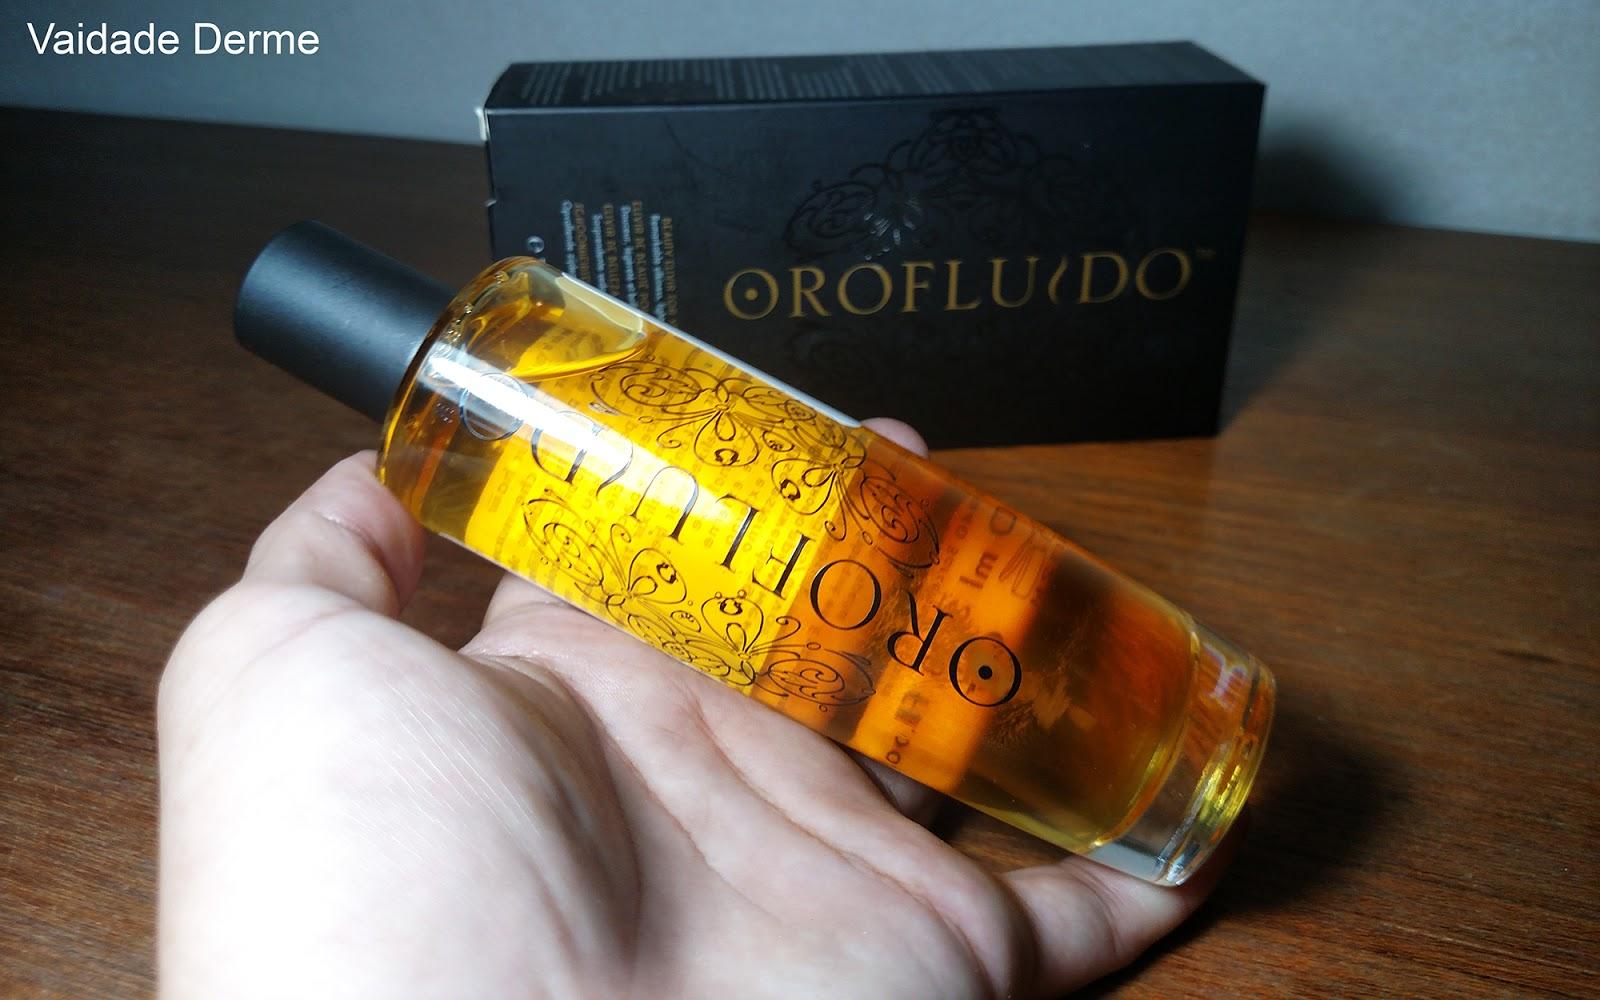 Orofluido Elixir